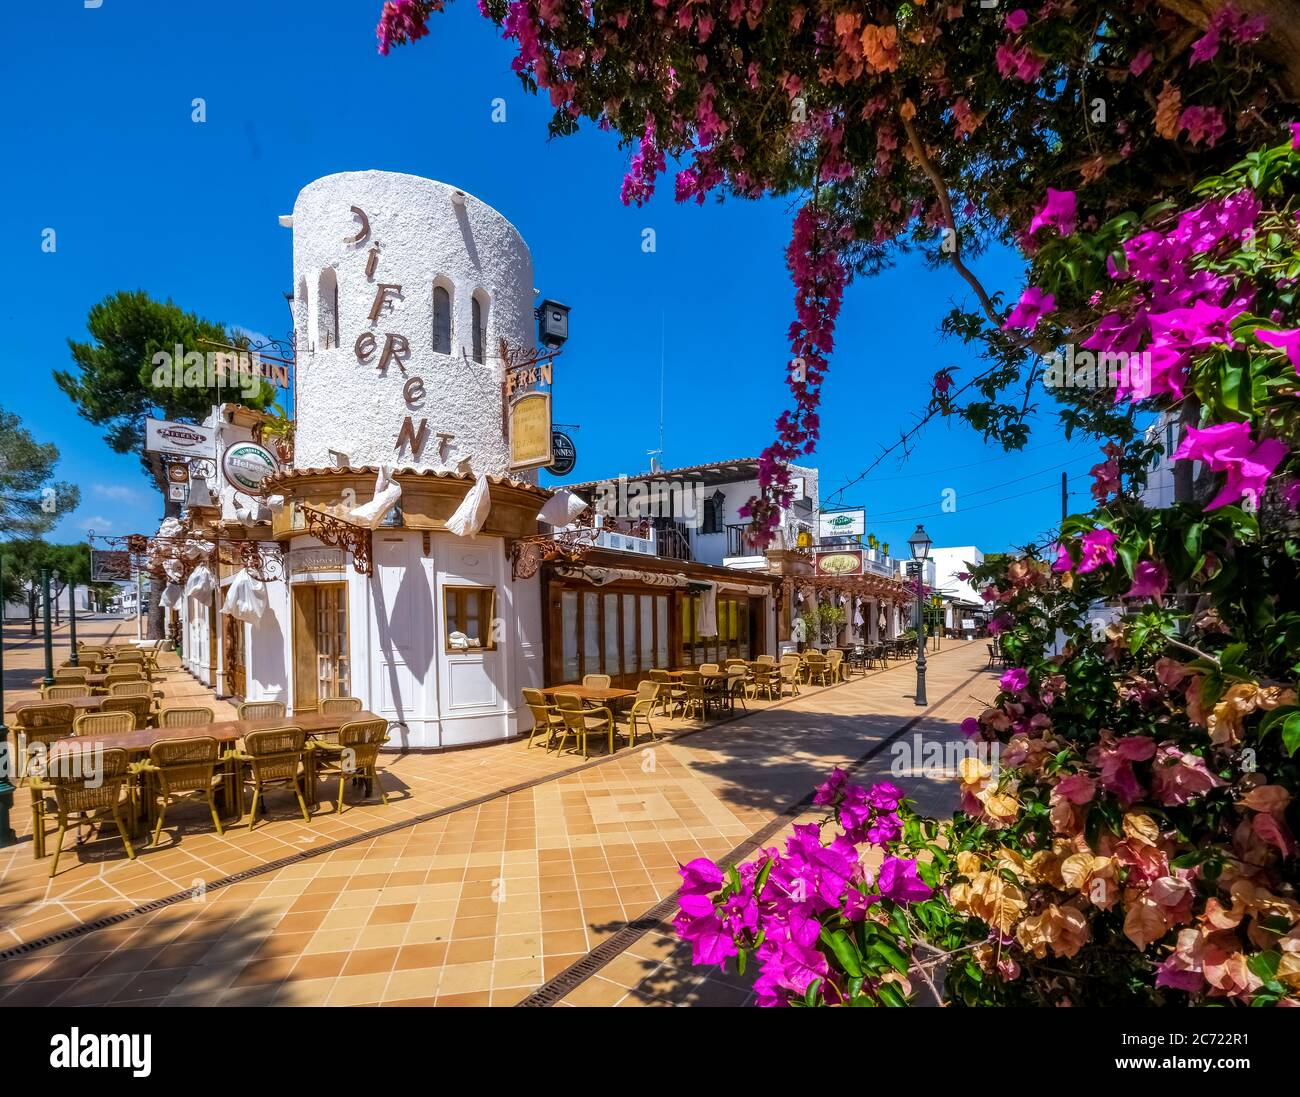 Geschlossene Geschäfte im ehemals gut besuchten Ferienort Cala d'Or an der Süd-Ostküste von Mallorca. The coming general Maskenpflicht führt zu w Stockfoto